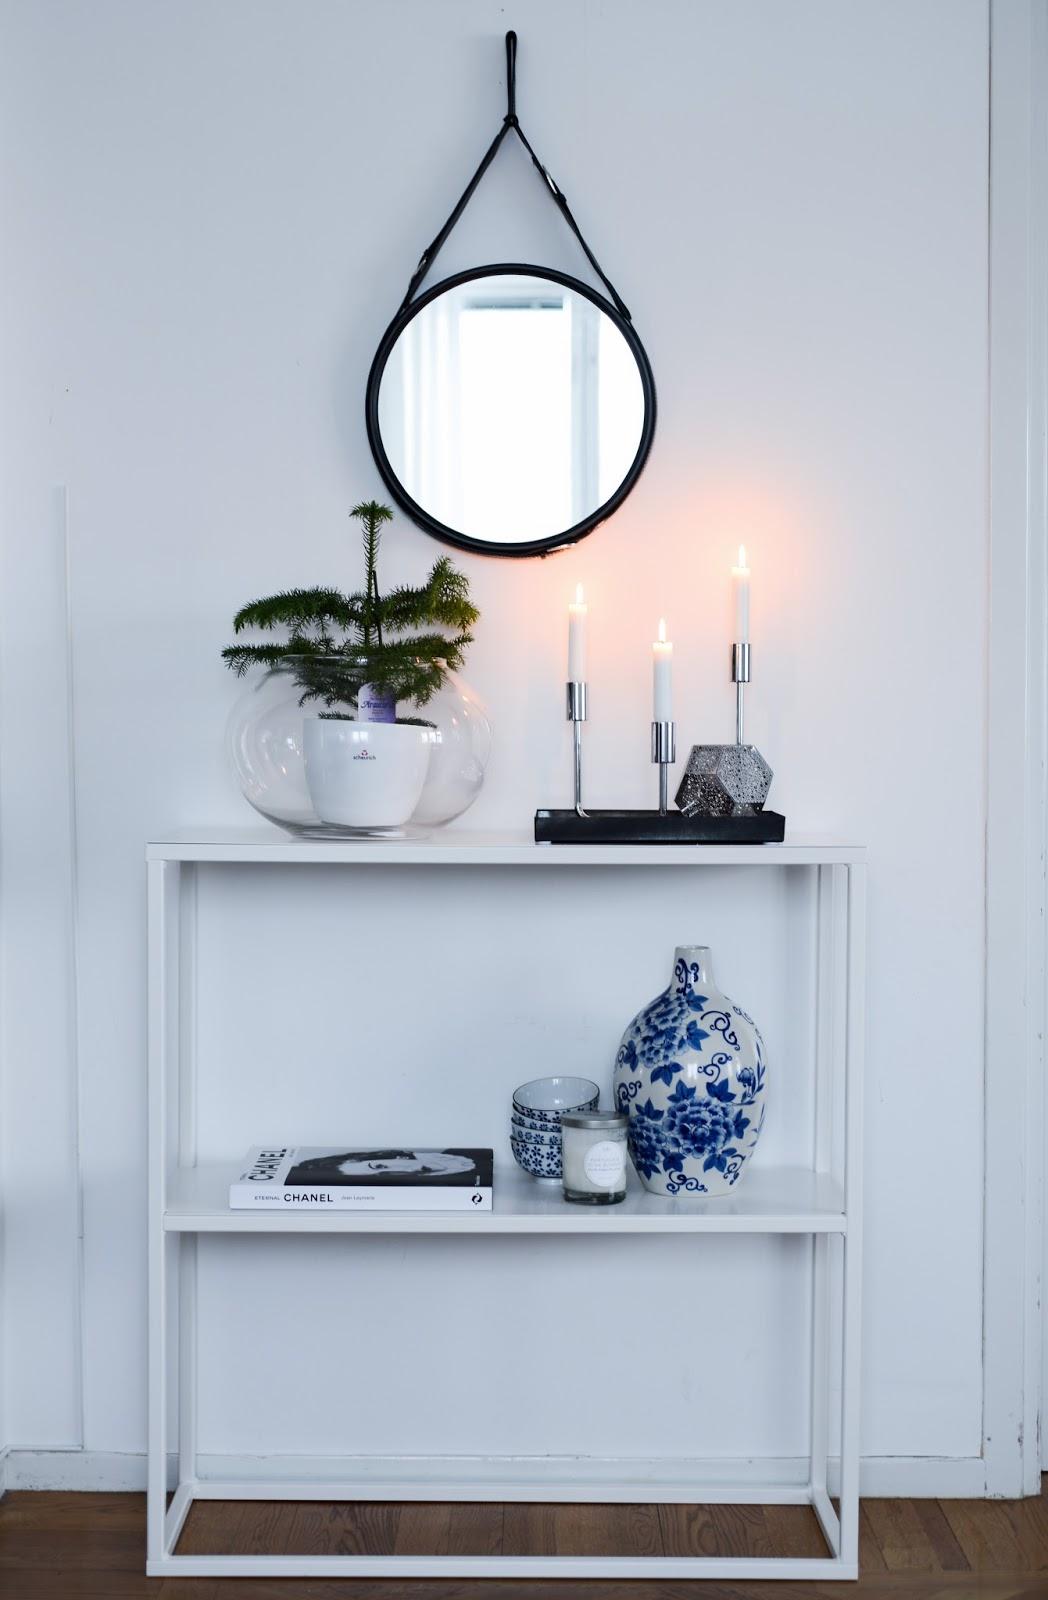 villa tretton h r hittar ni alla varor som finns att best lla genom mig h r p vt. Black Bedroom Furniture Sets. Home Design Ideas